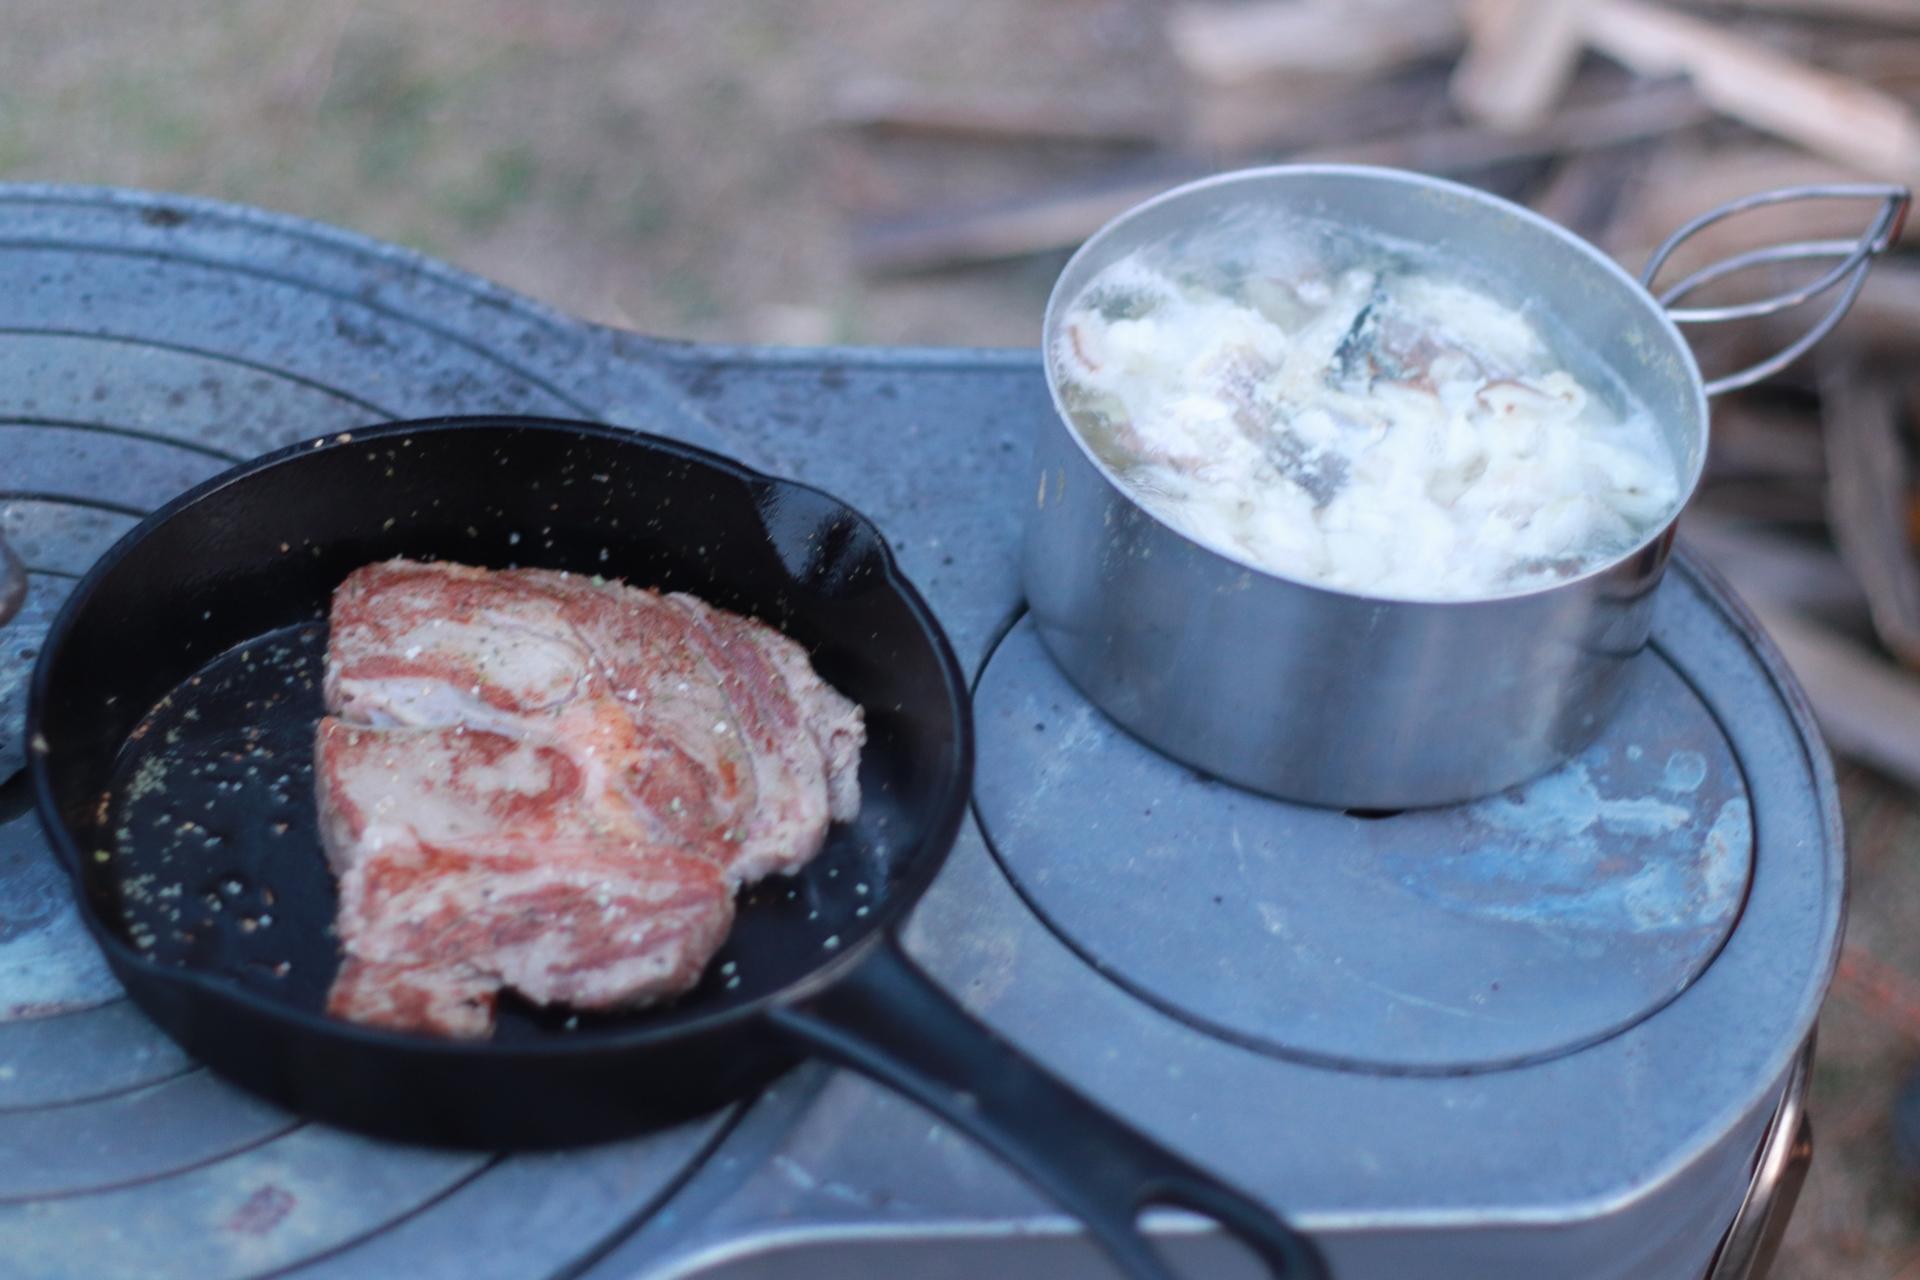 タッカルビ みたらし 団子 チーズ